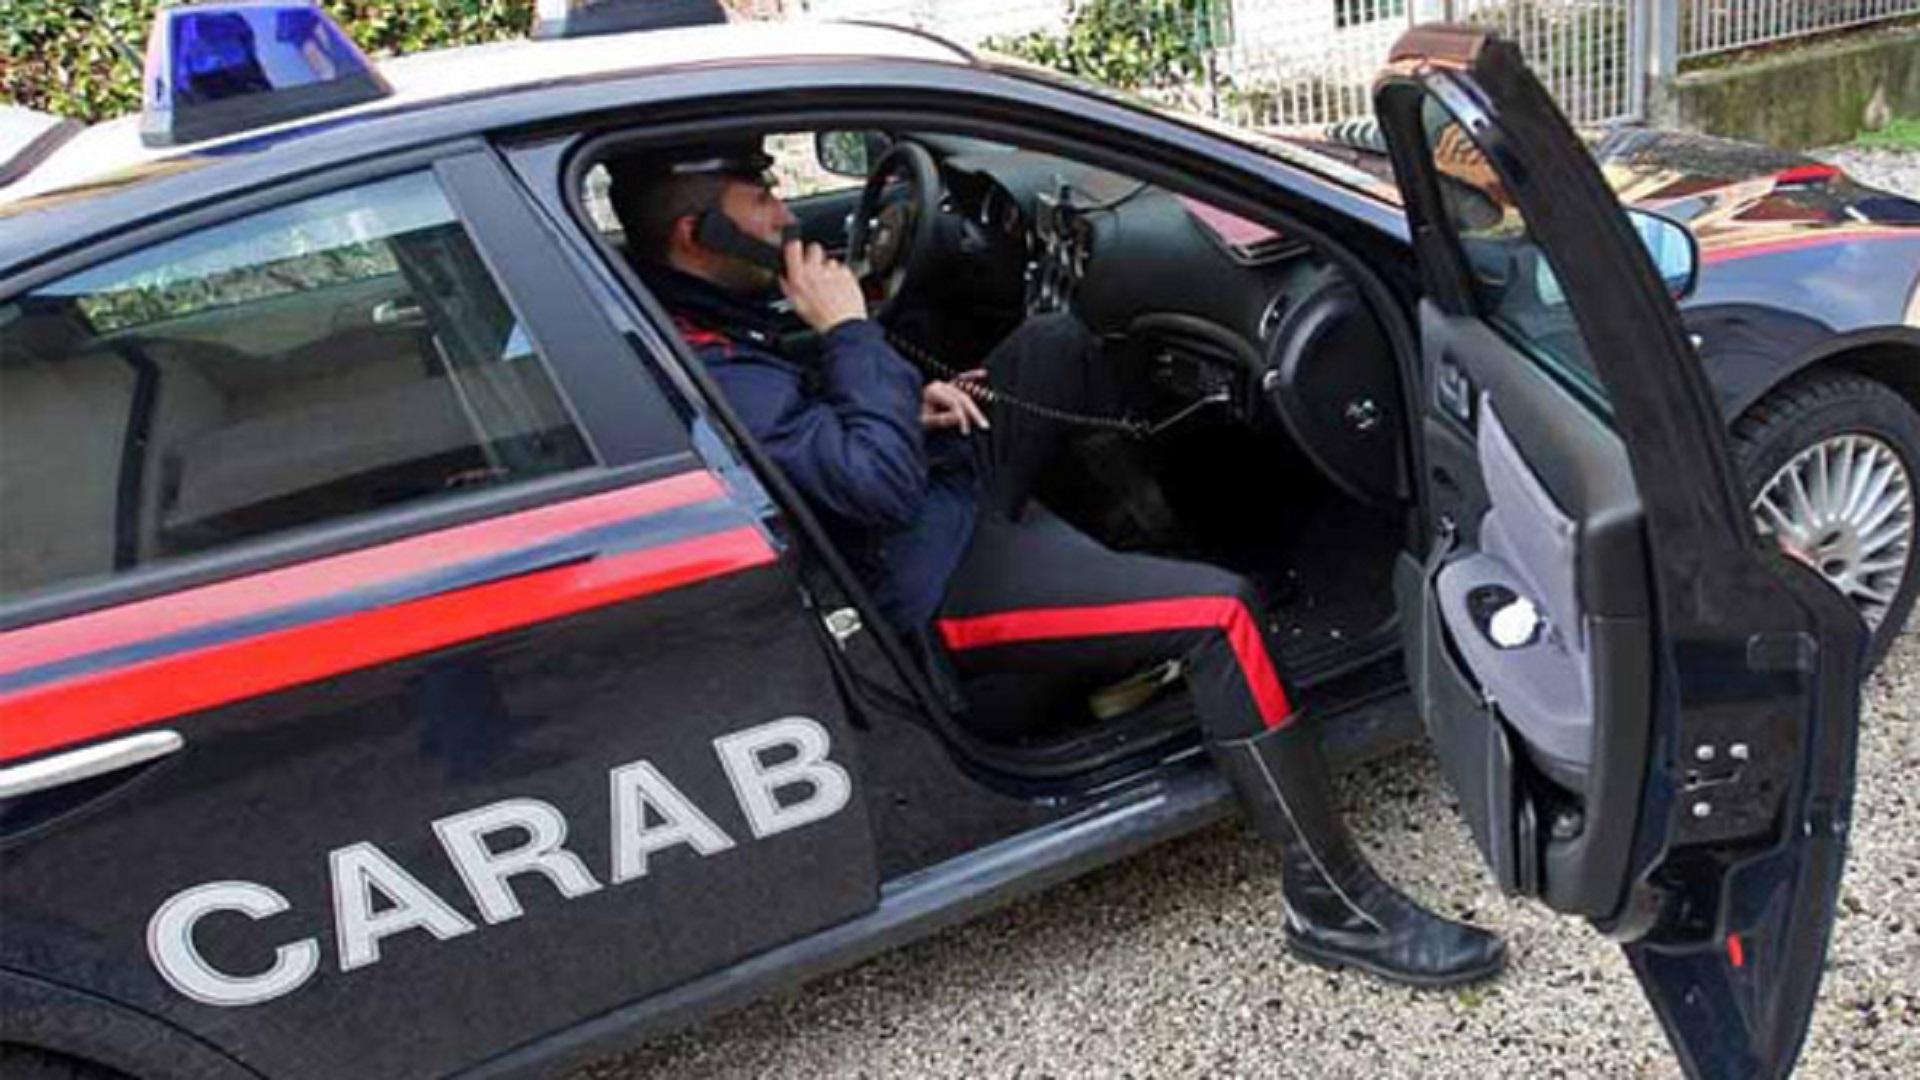 La nota: due donne viterbesi rapinano un distributore di benzina, due giovani picchiano i carabinieri, ma per la città il problema sono gli immigrati